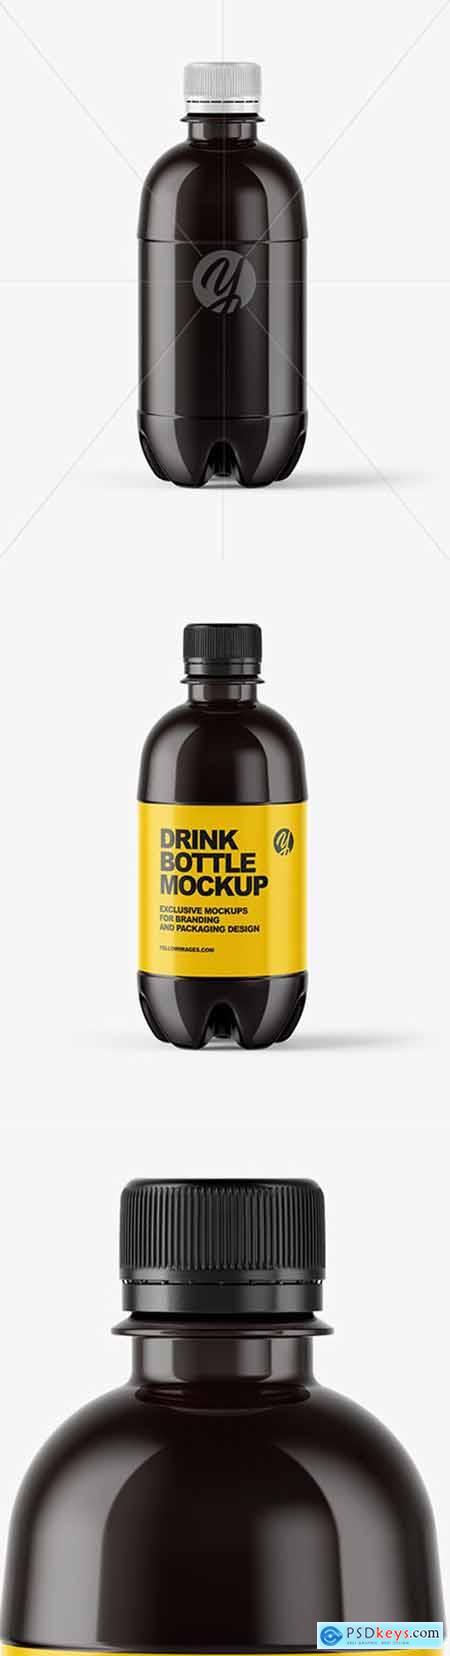 Drink Bottle Mockup 51887